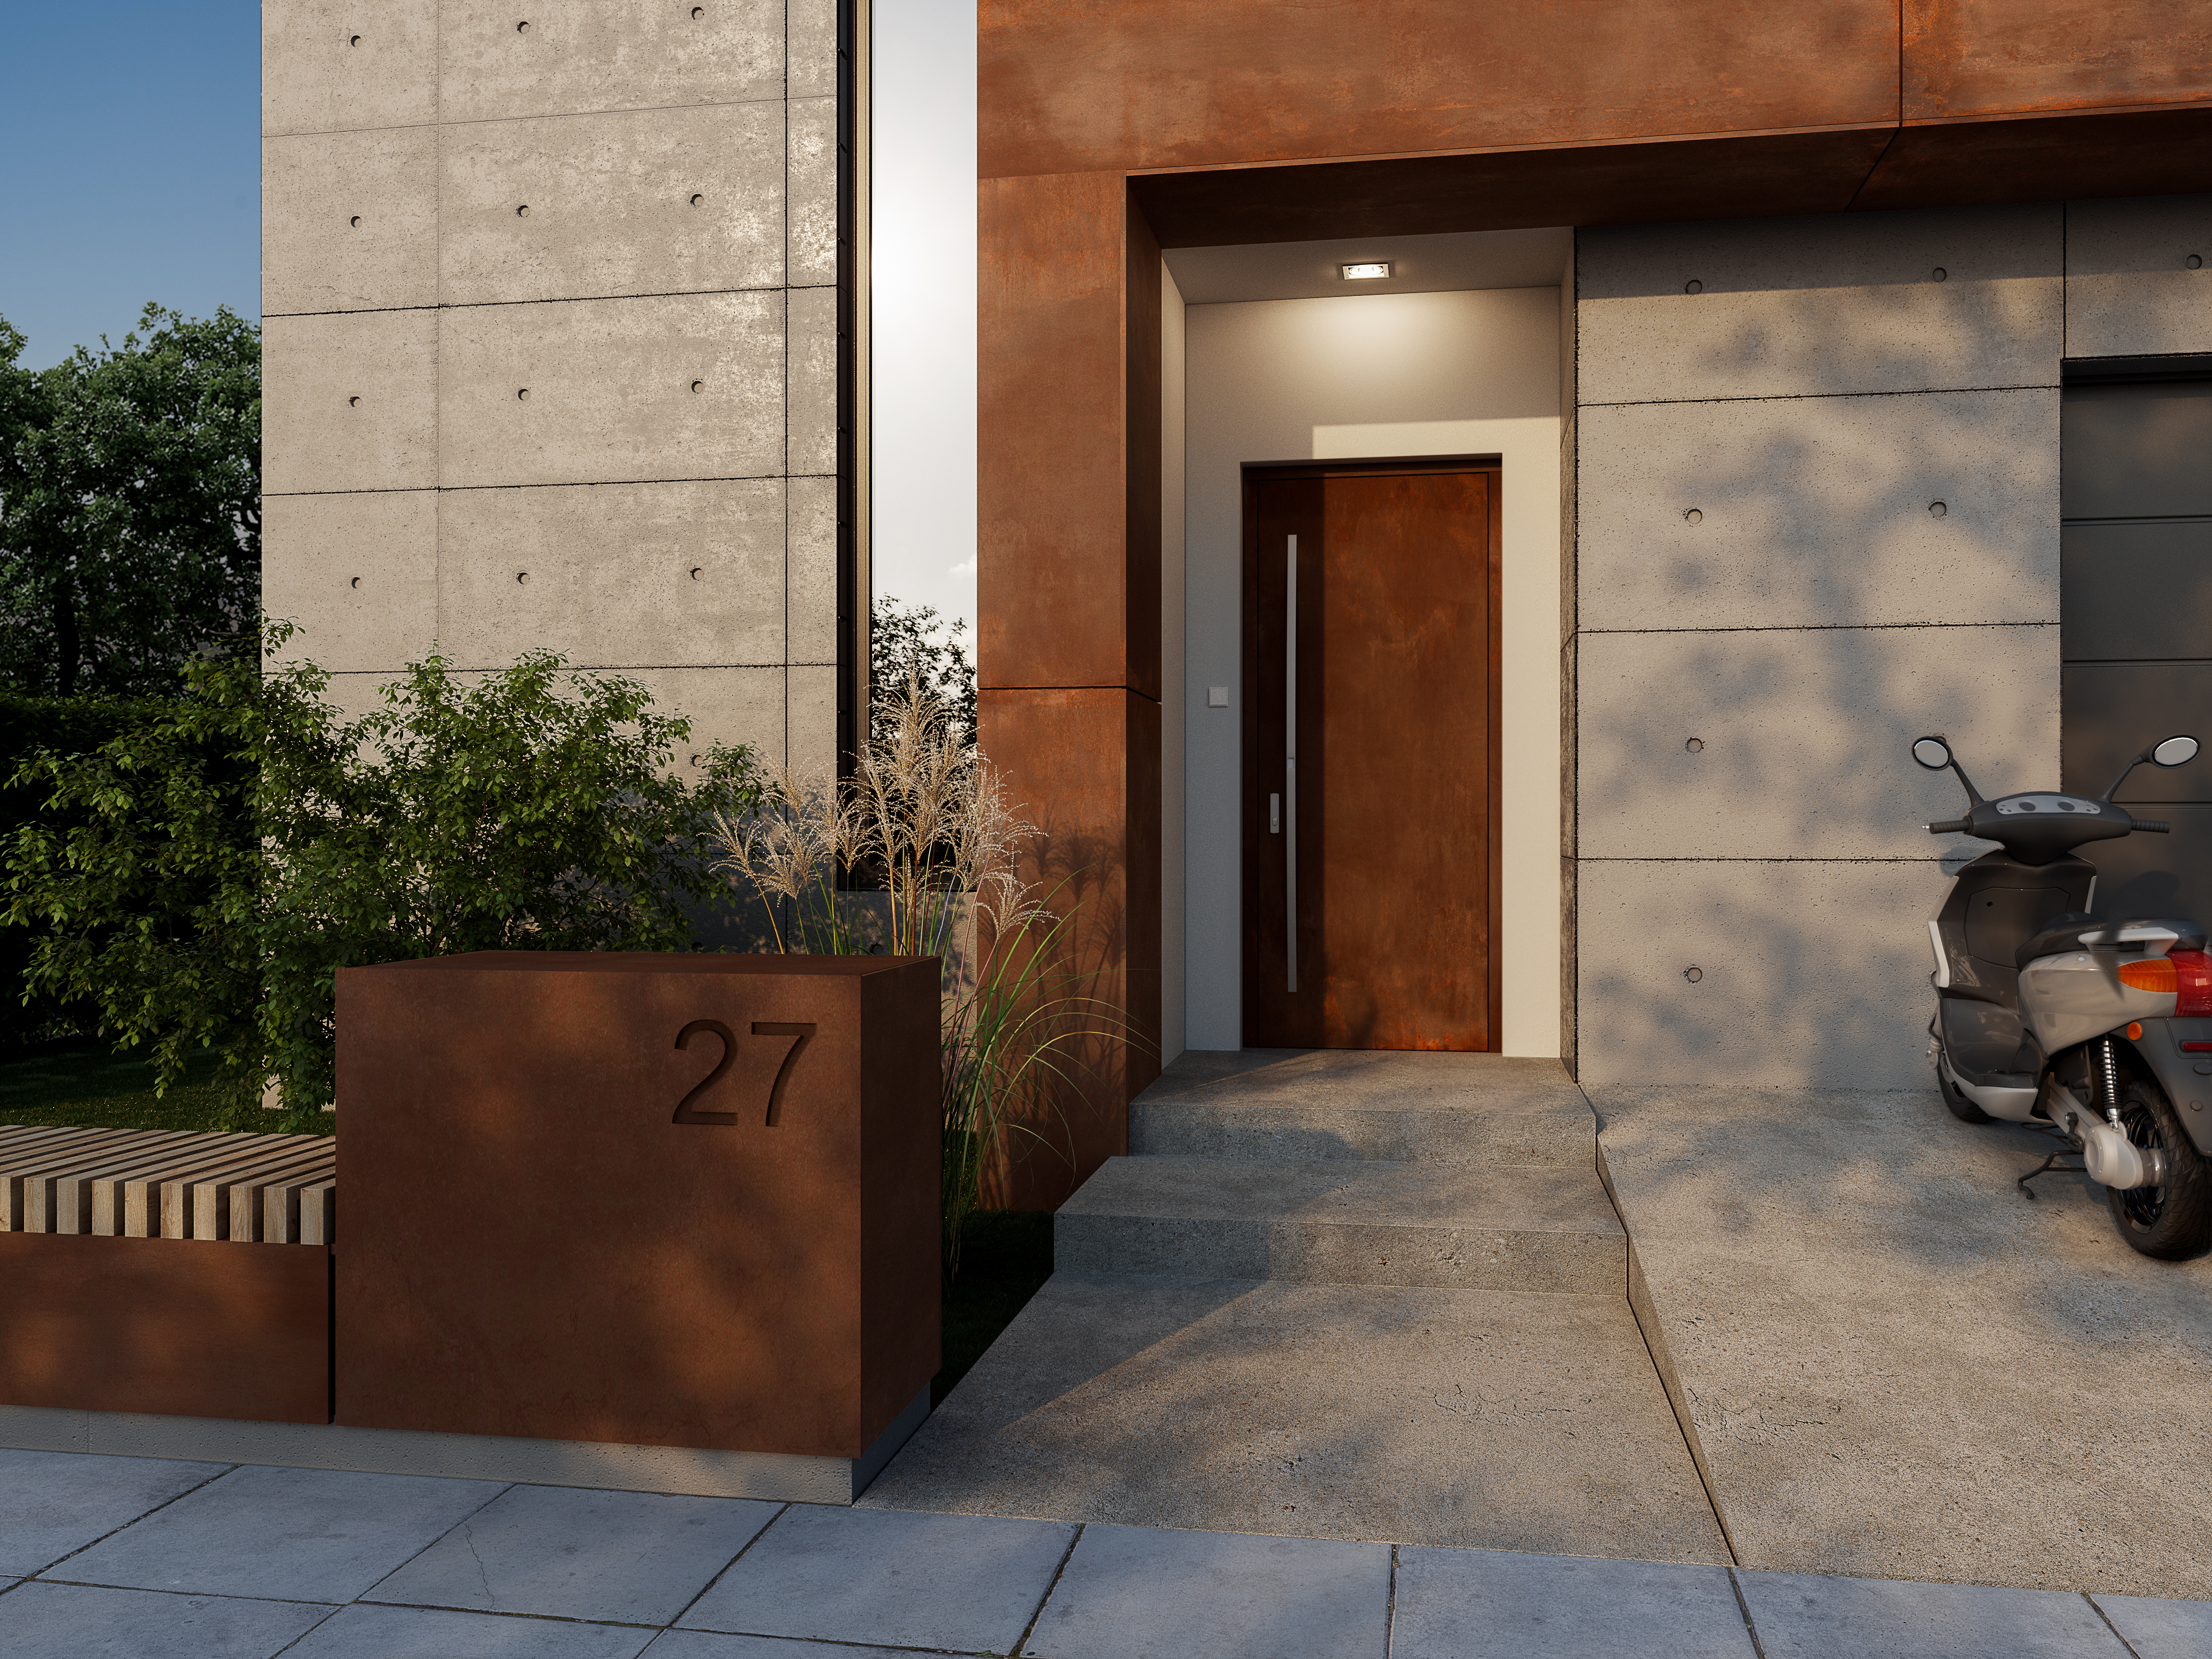 Drzwi zewnętrzne drewniane z kamienien